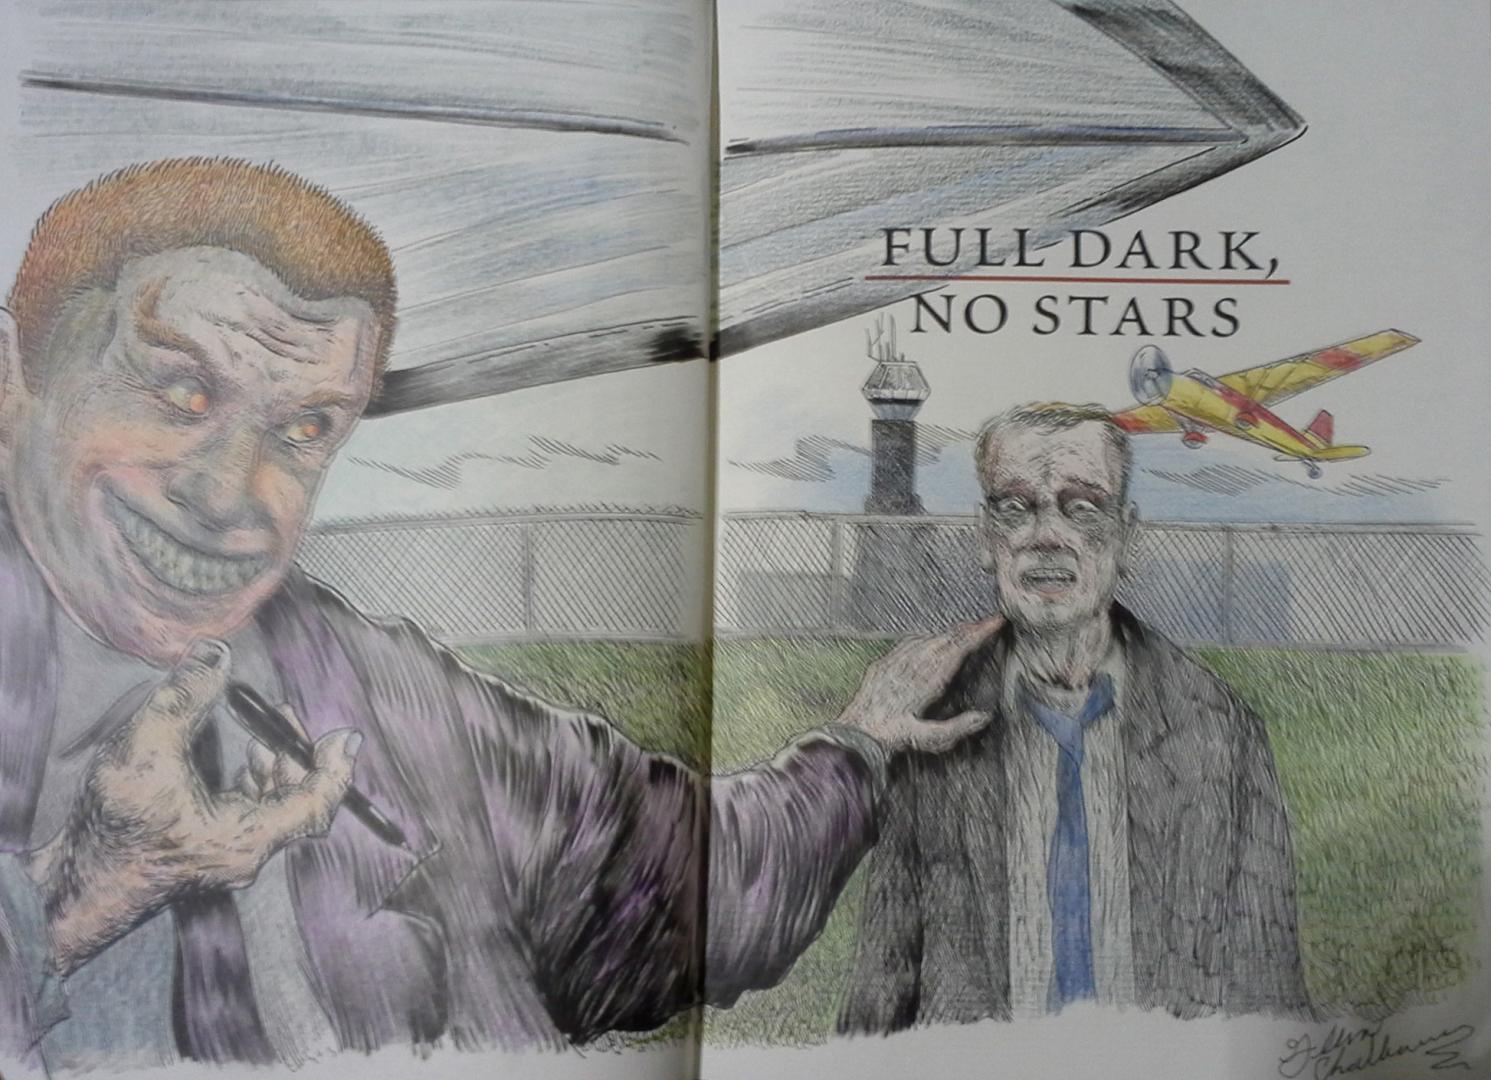 Stephen King: Minden sötét, csillag sehol (2010) (3. rész) 1. kép